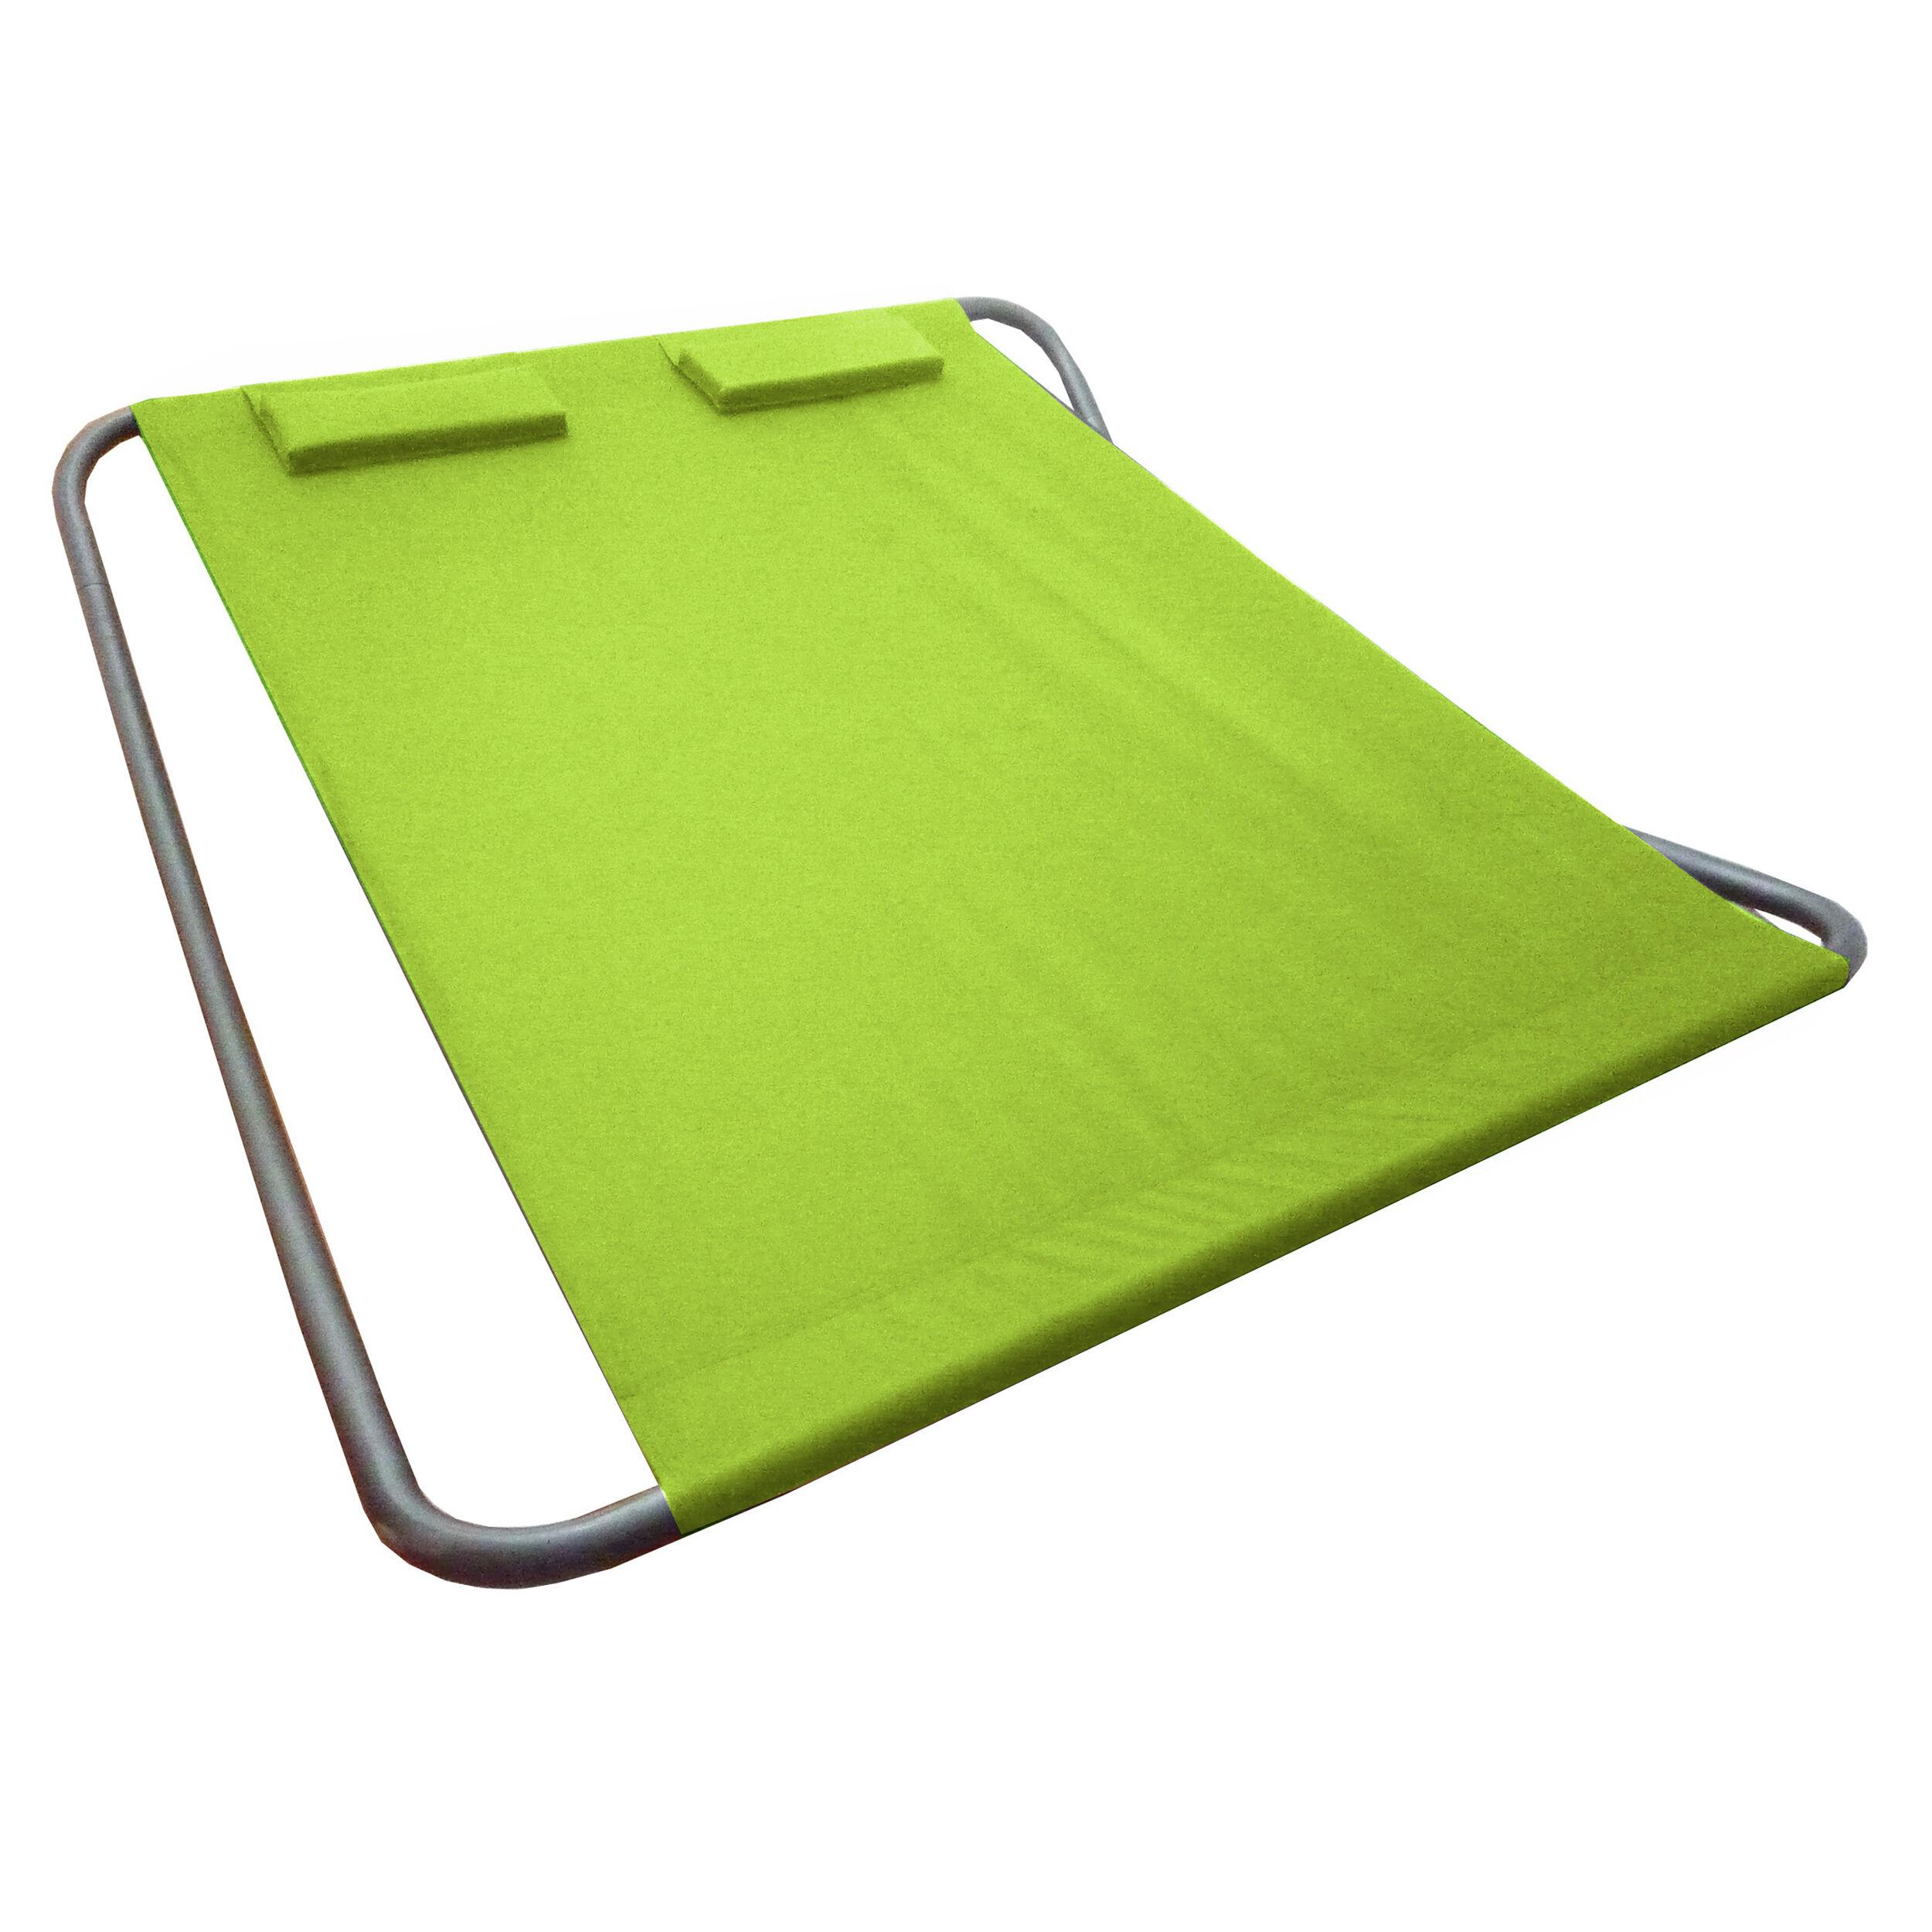 Rendez vous déco Rocking bed Kingston vert